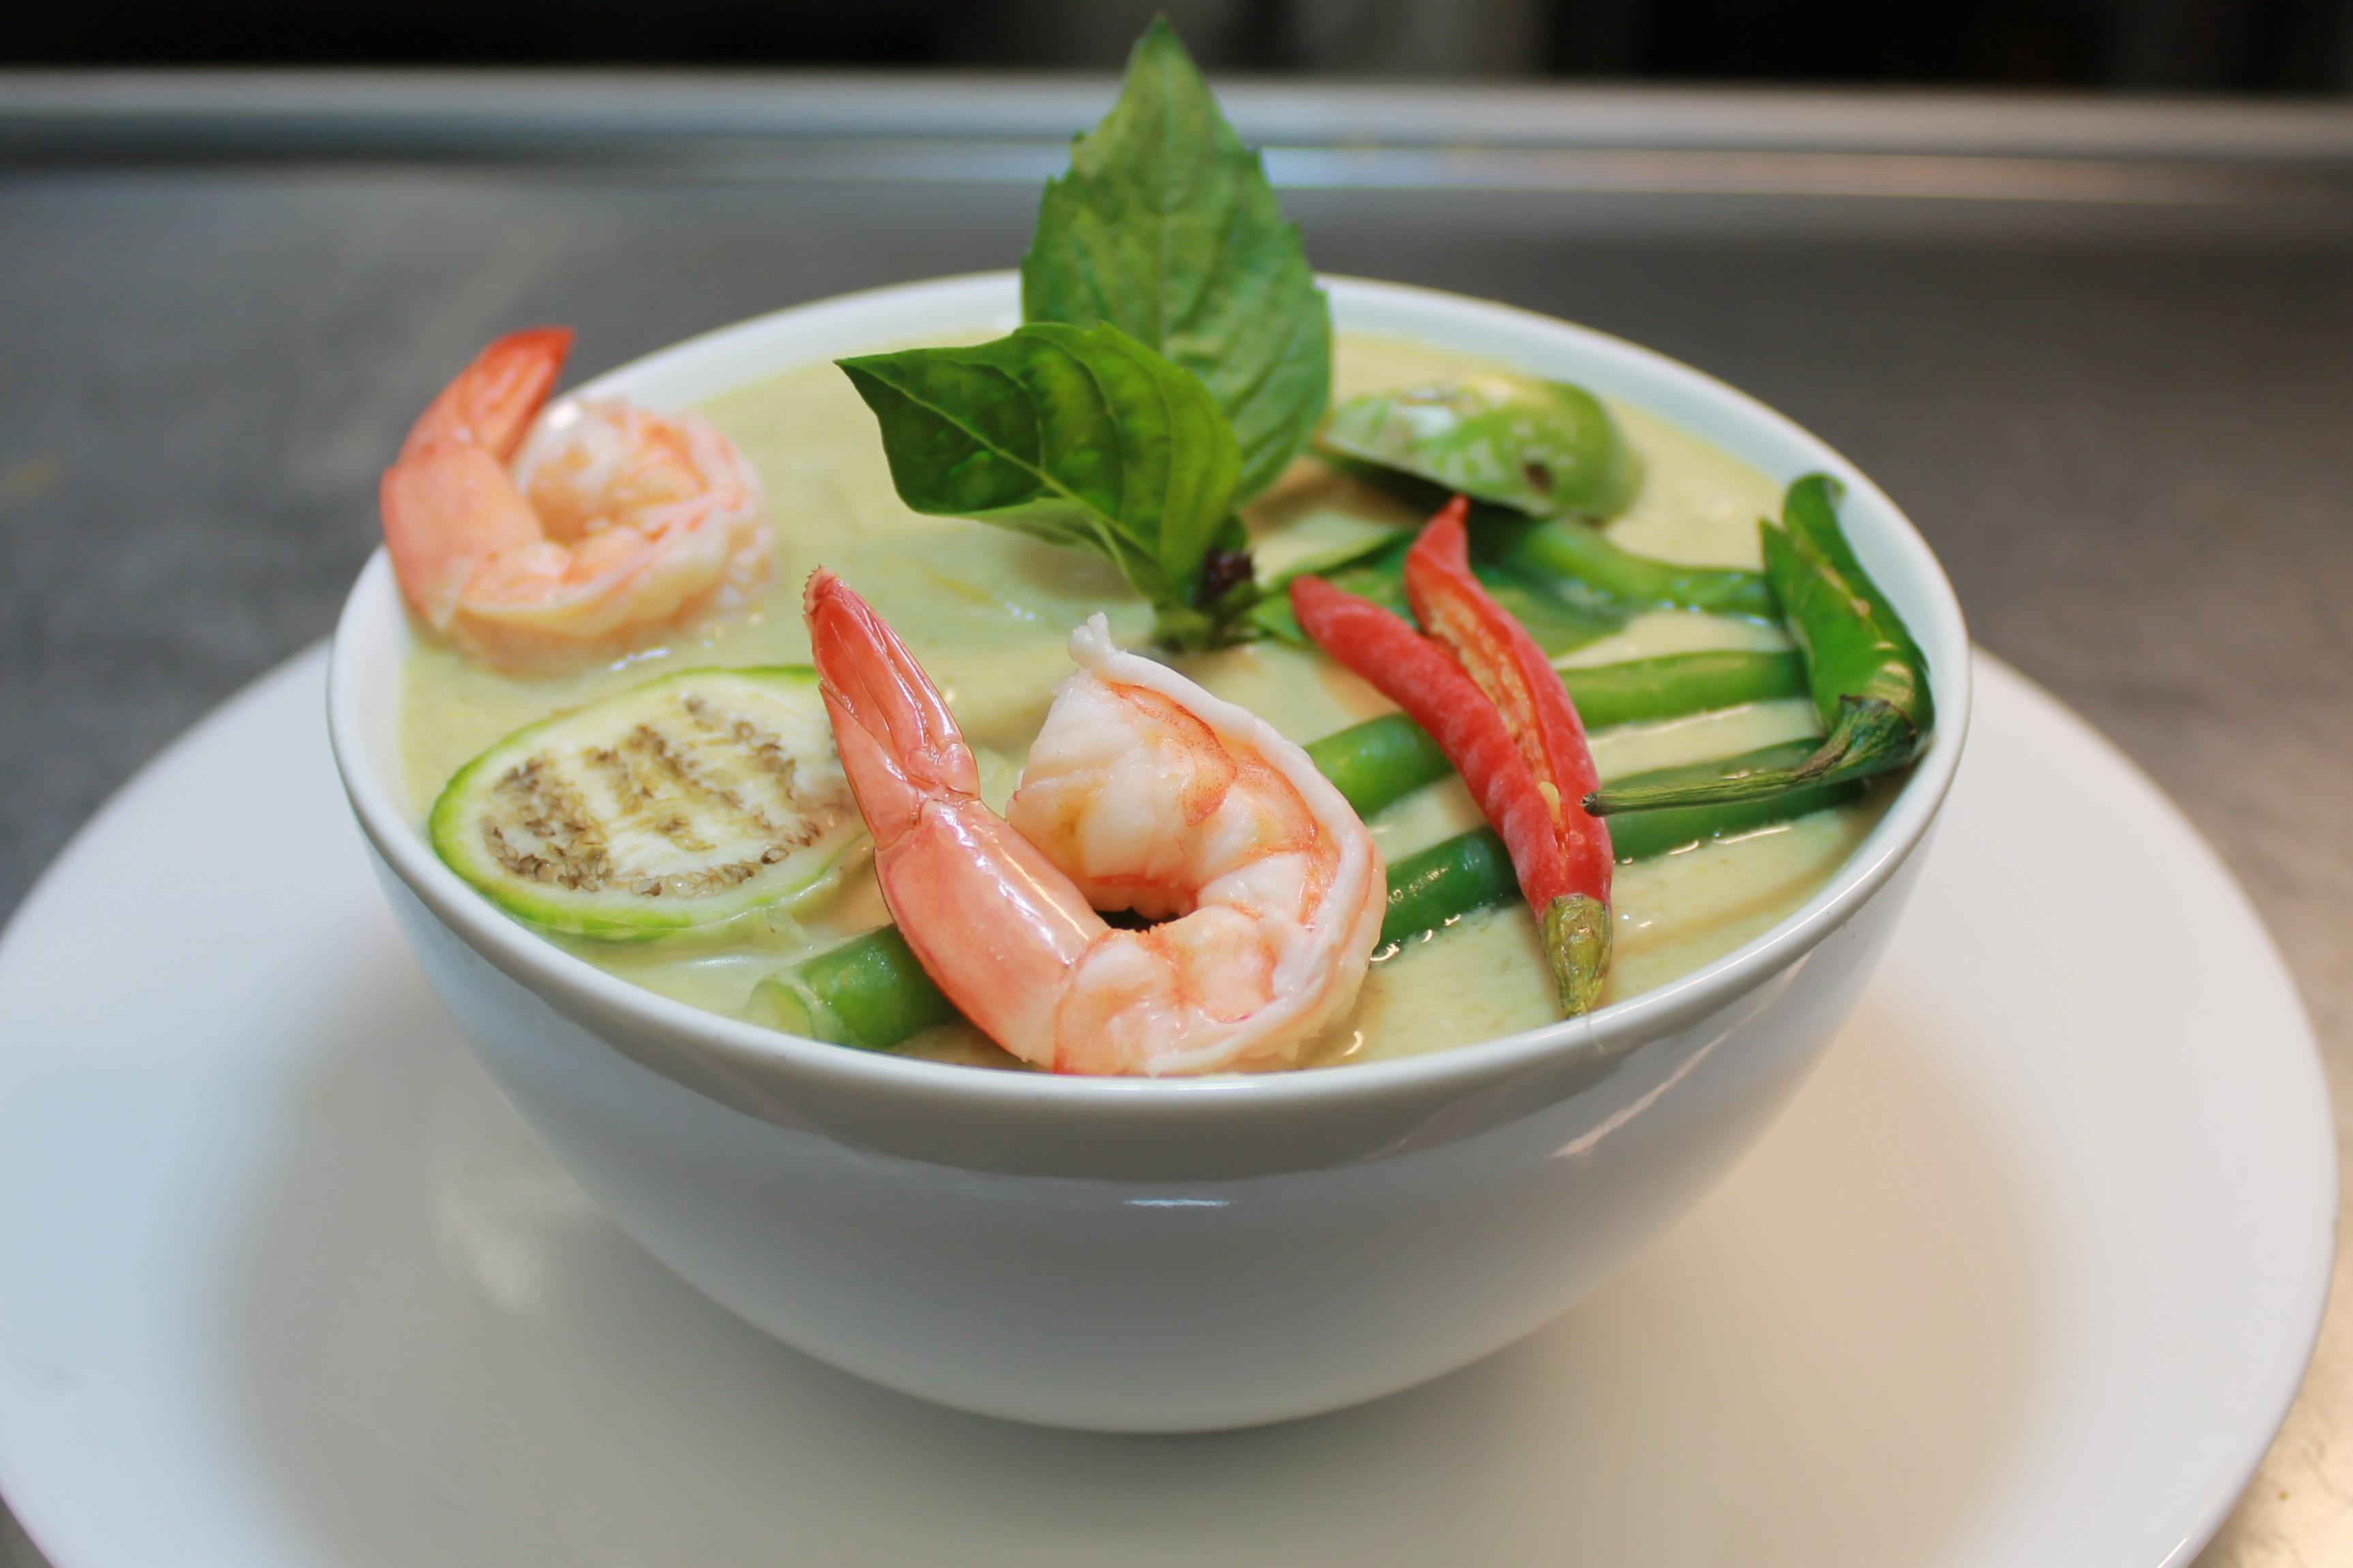 Thai Food In Roseville Mn